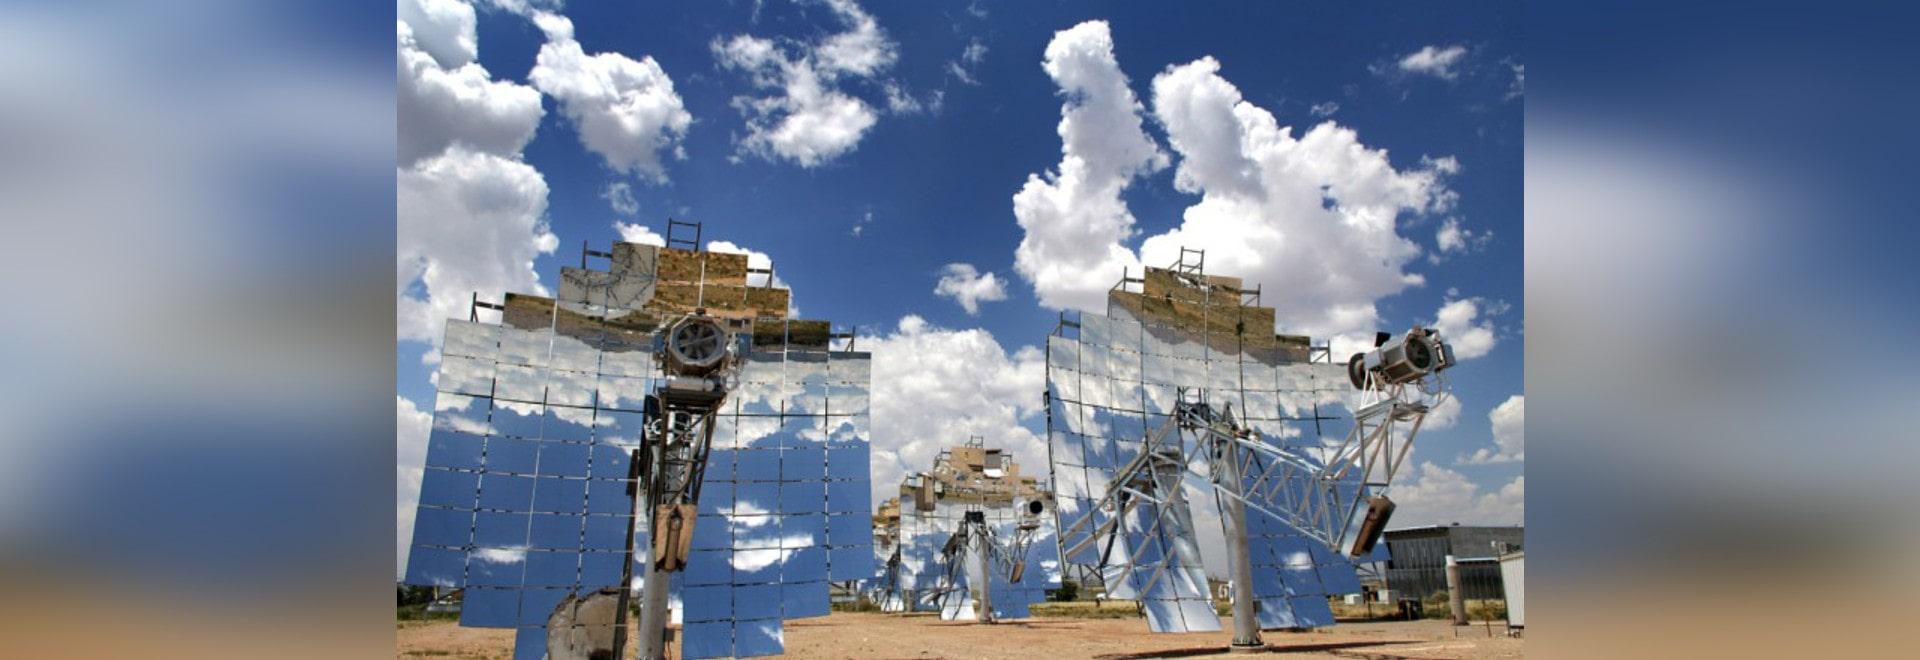 L'ENERGIA SOLARE ACQUISTABILE PUÒ ESSERE INTORNO ALL'ANGOLO CON IL PROGETTO DI SUNSHOT